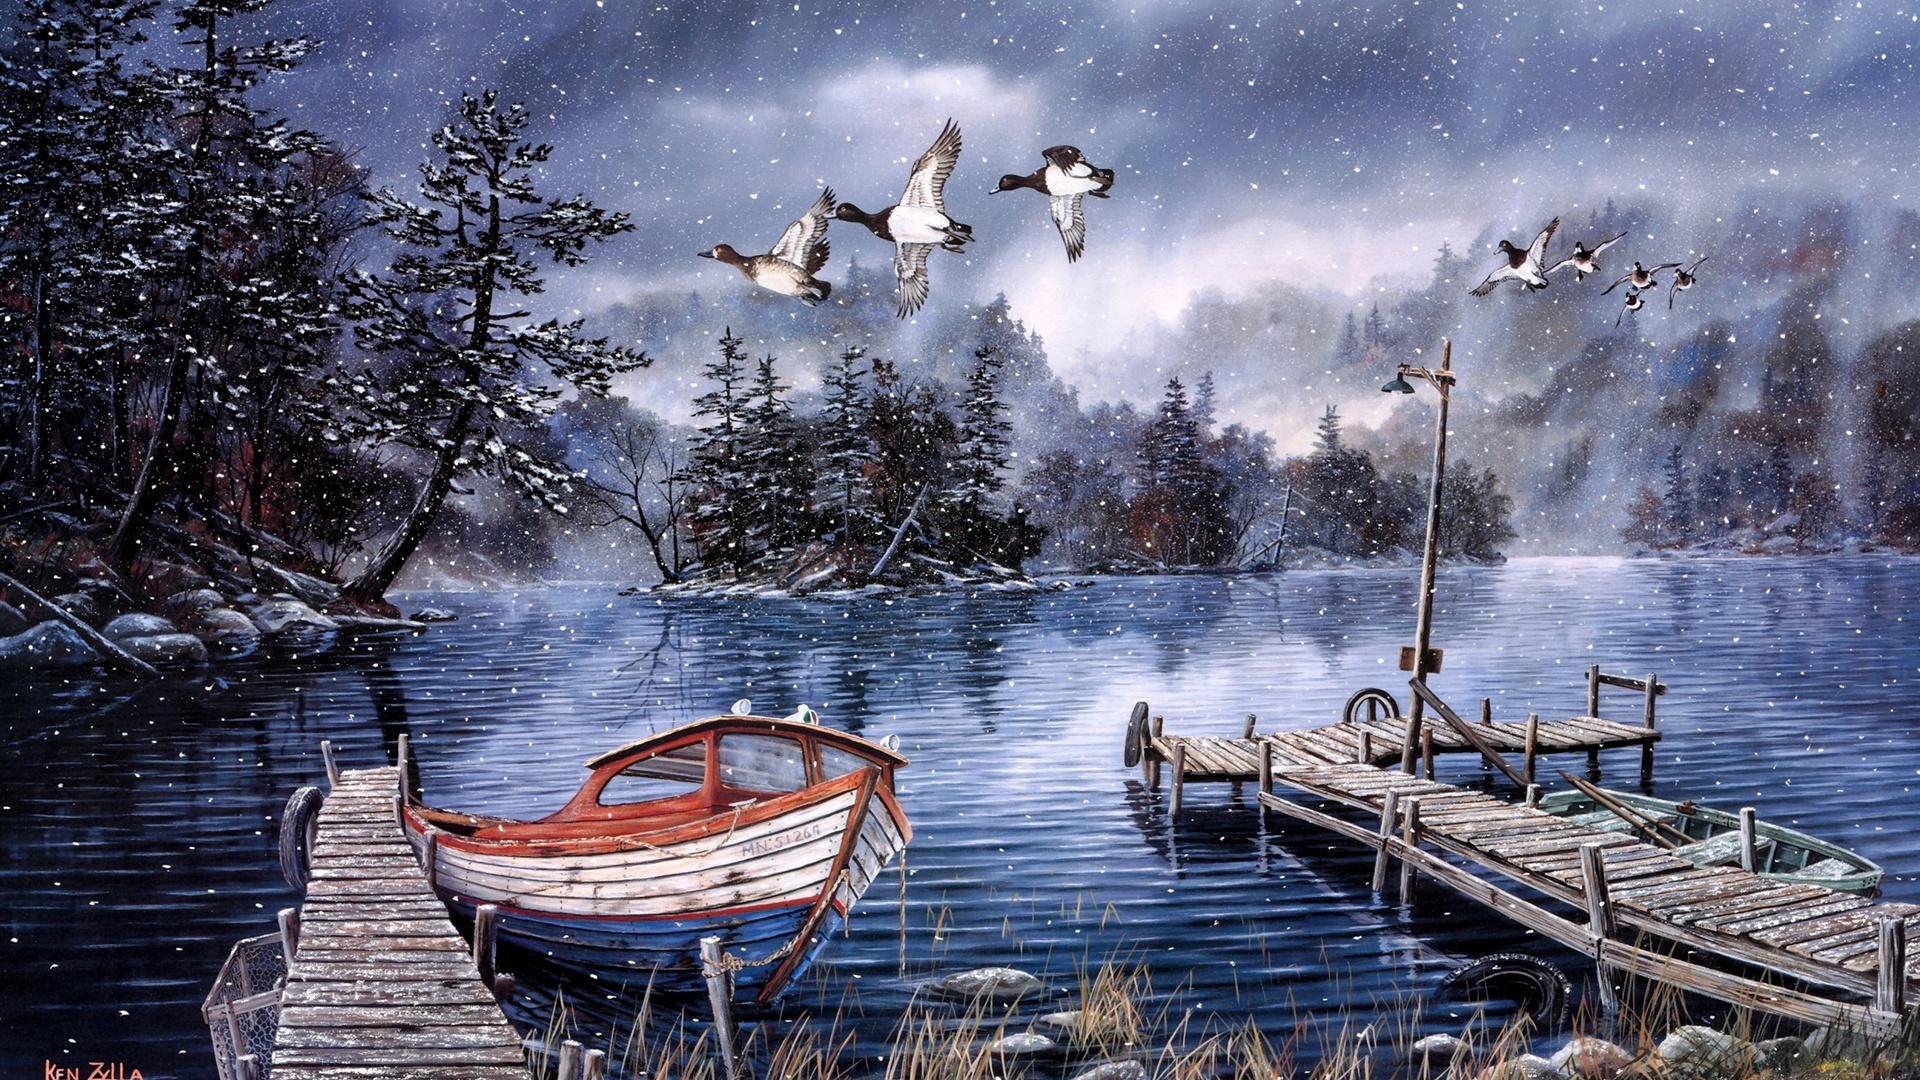 Peinture 224 L Aquarelle Lac Et For 234 T Hiver Neige Dock